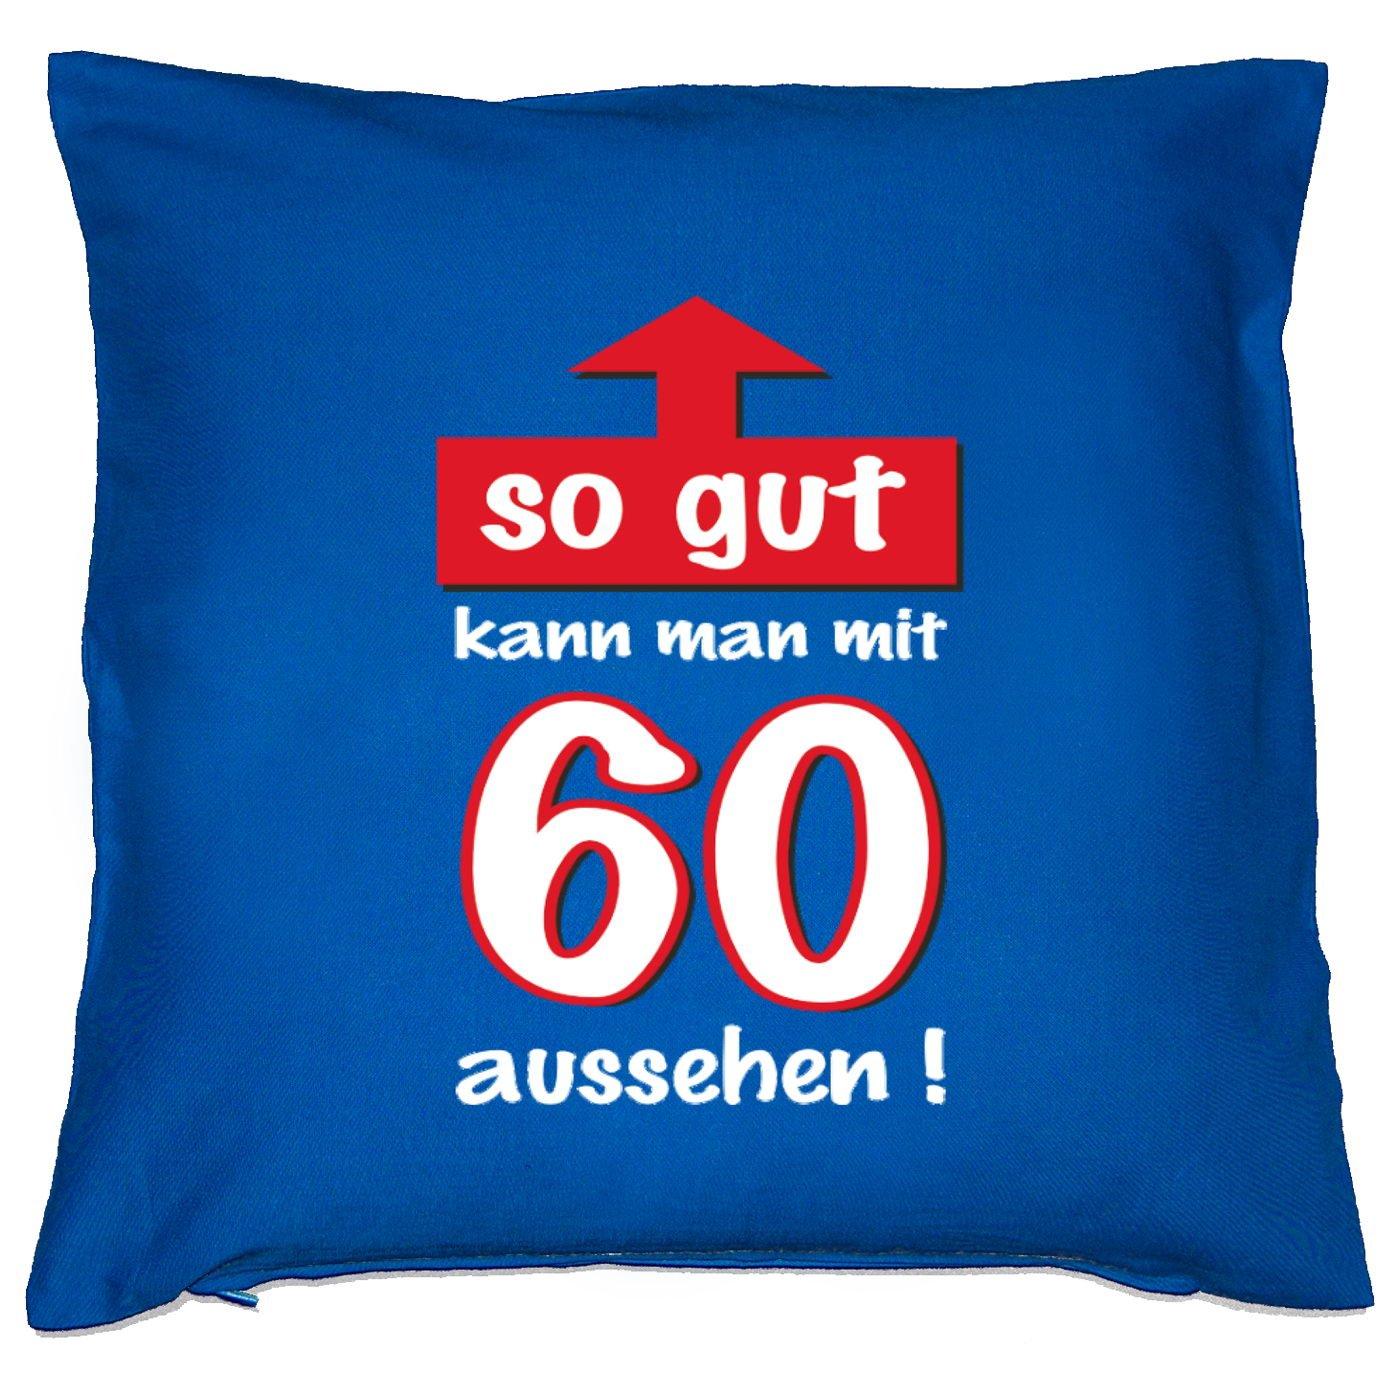 Kissen mit Innenkissen – So gut kann man mit 60 aussehen! – zum 60. Geburtstag Geschenk – 40 x 40 cm – in royal-blau jetzt bestellen